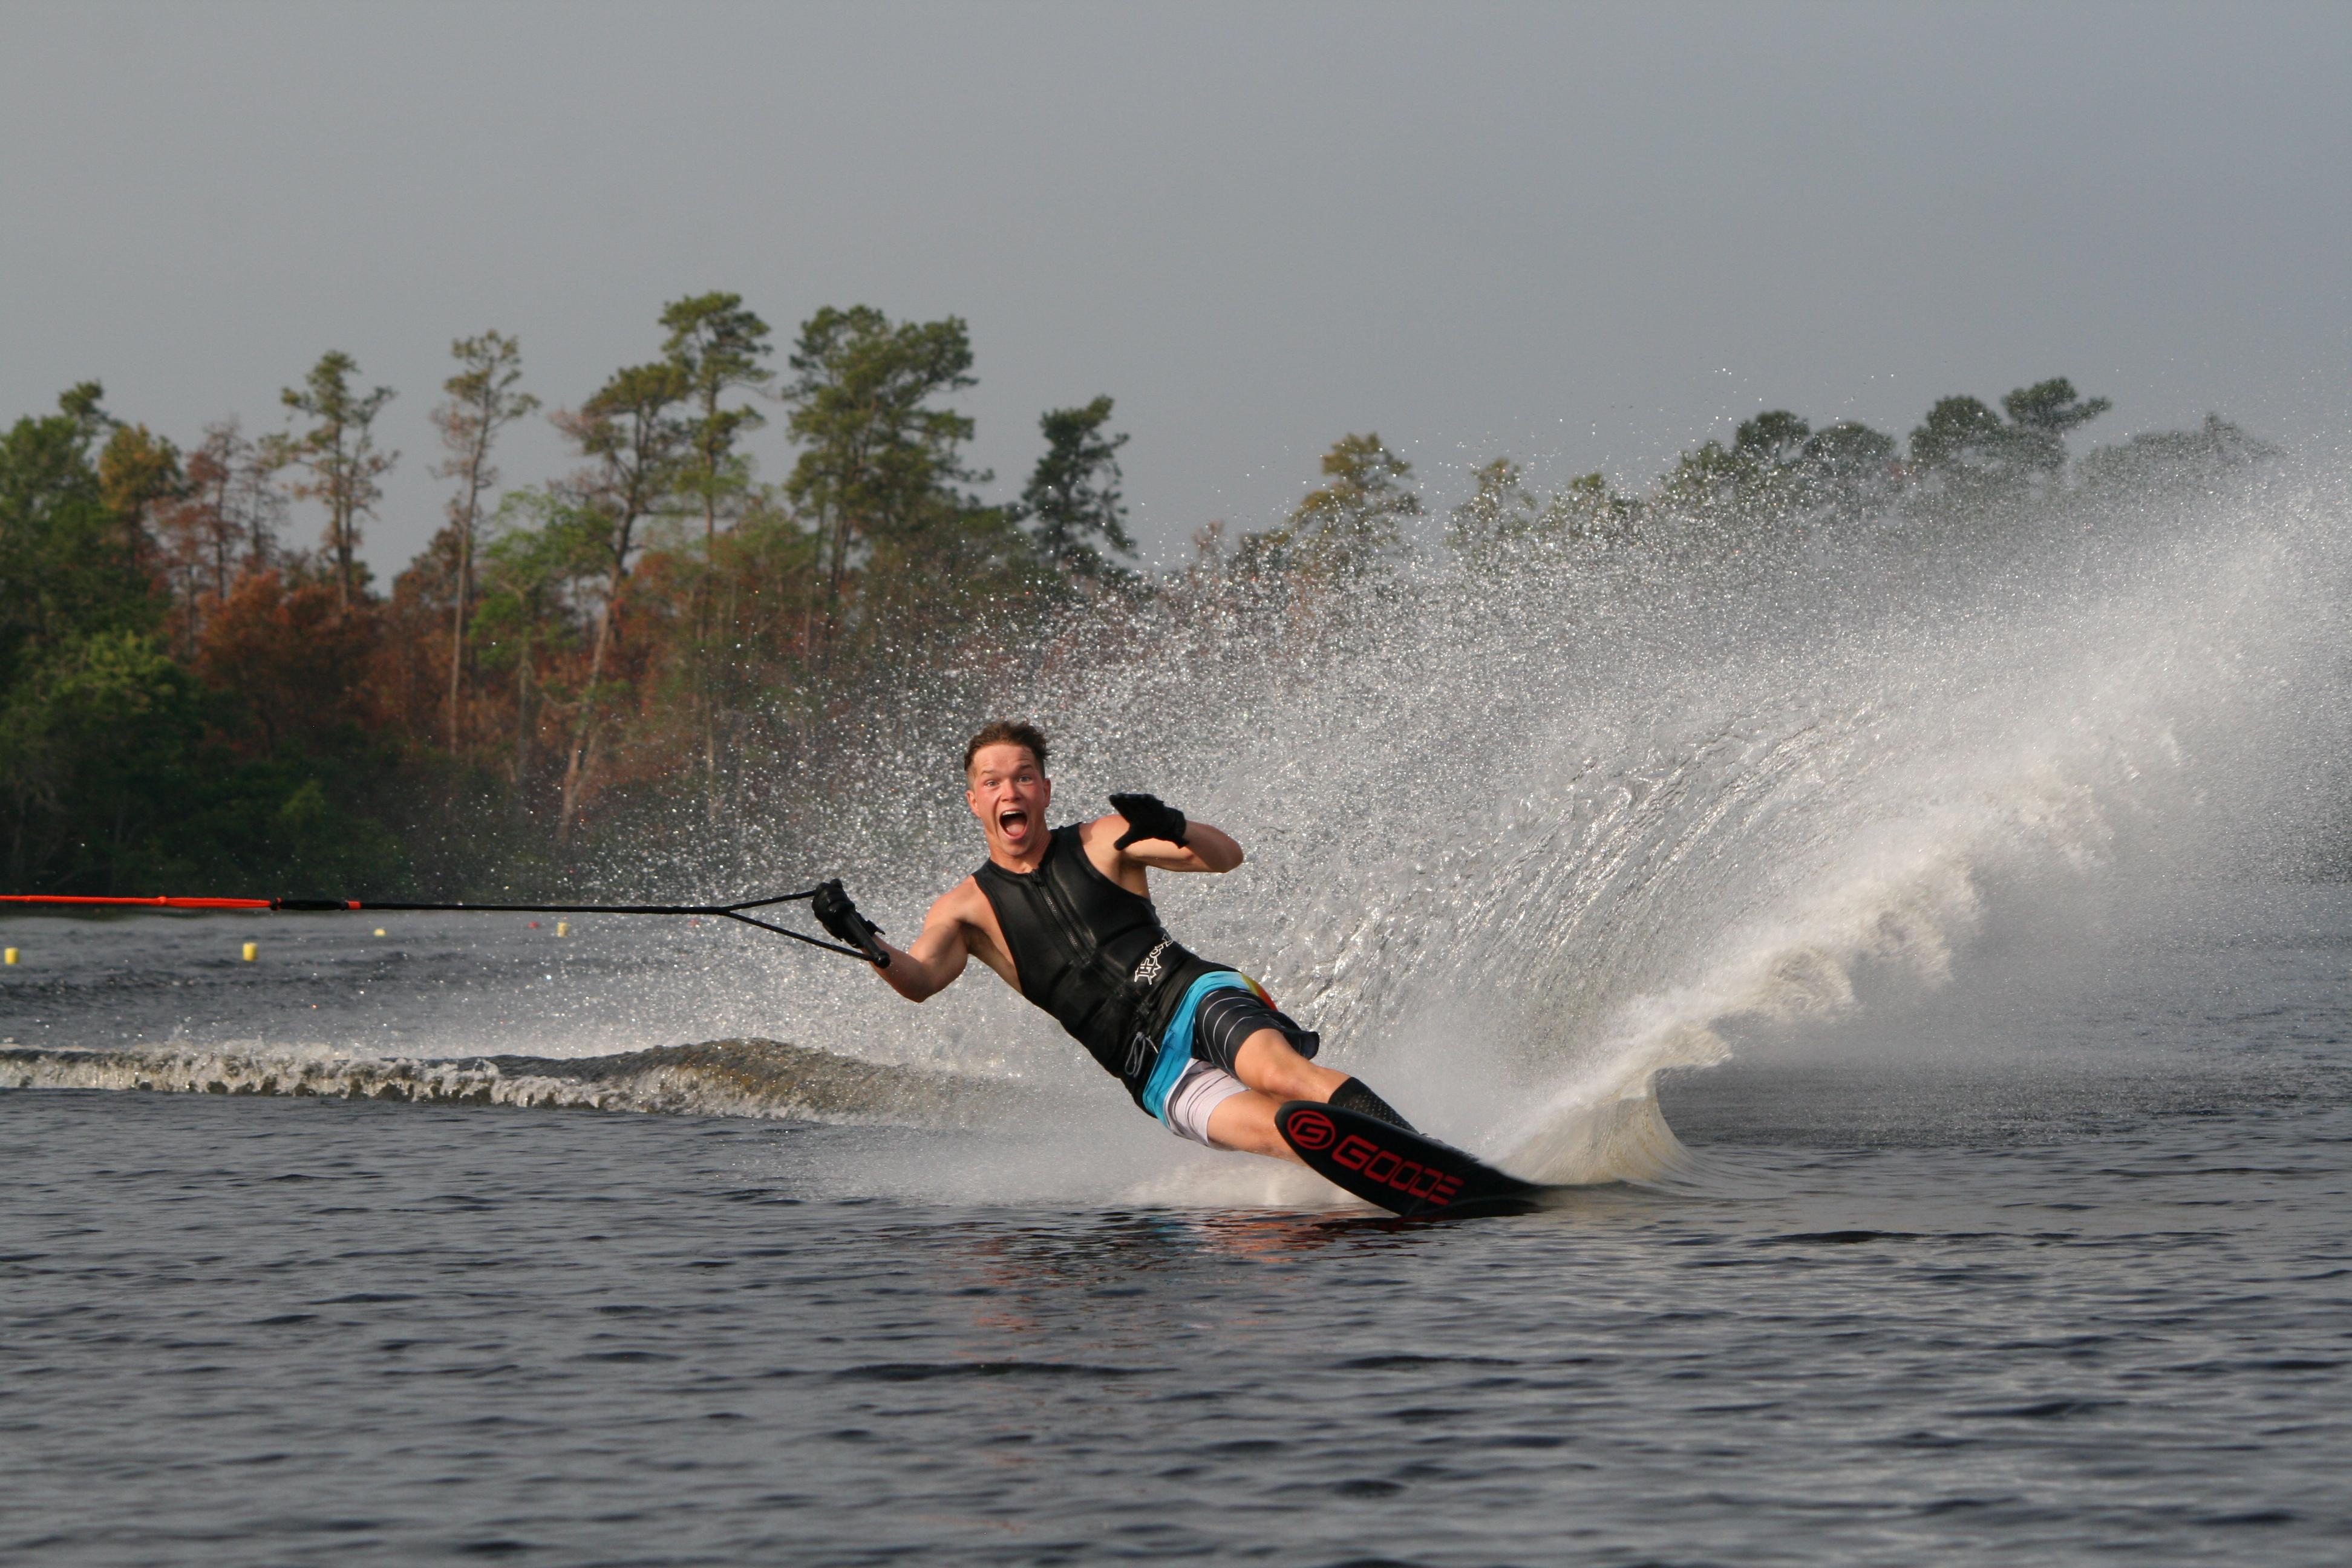 """Tycho Hof krijgt in Amerika alle ruimte om zich als waterskiër te verbeteren. """"Dat is super!"""" (Foto: aangeleverd)"""